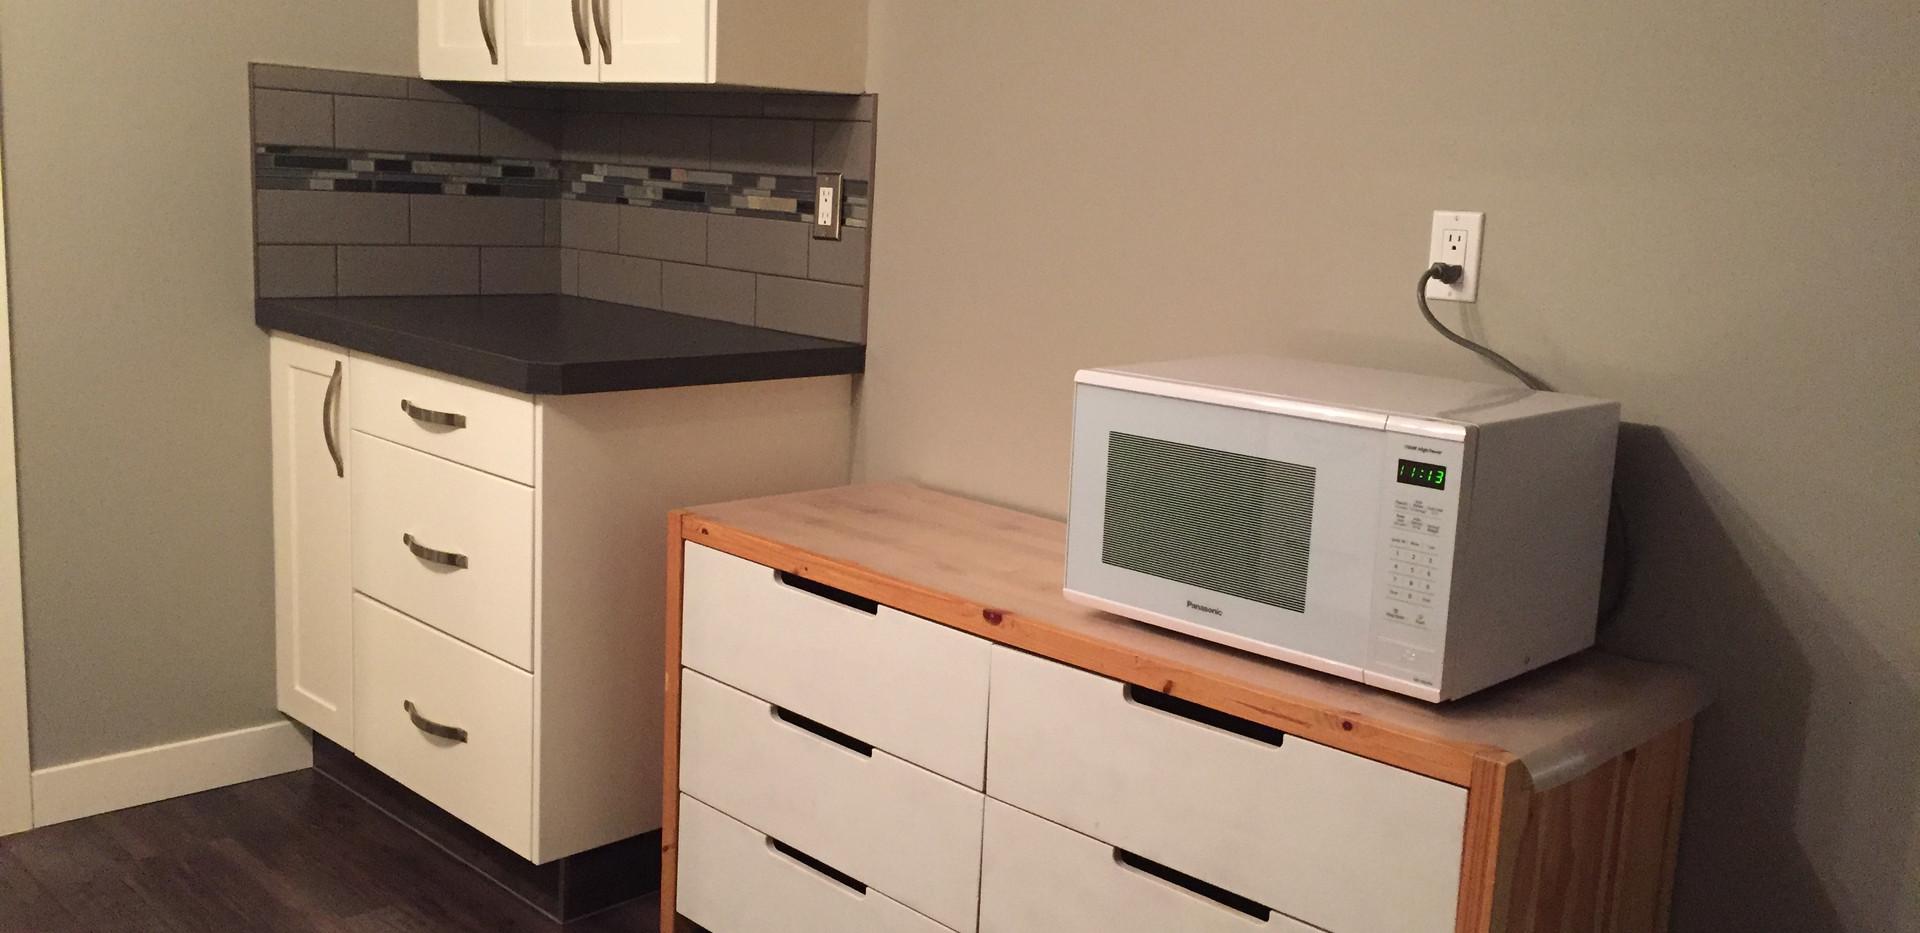 Kitchen Cupboards Microwave.JPG